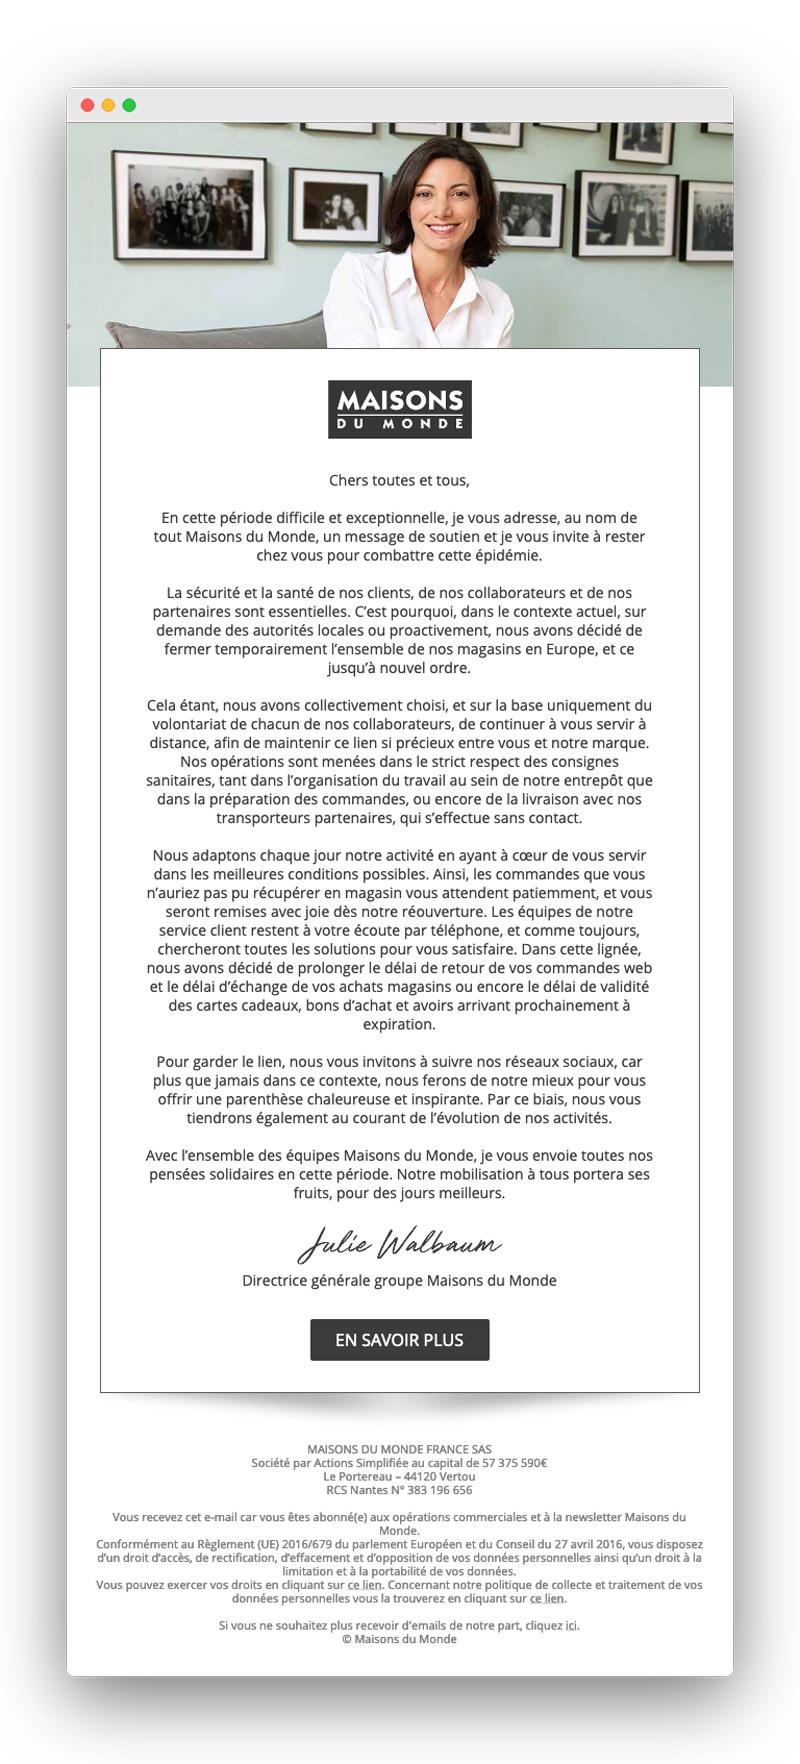 Exemple d'email lors du confinement pour coronavirus : Maisons du Monde